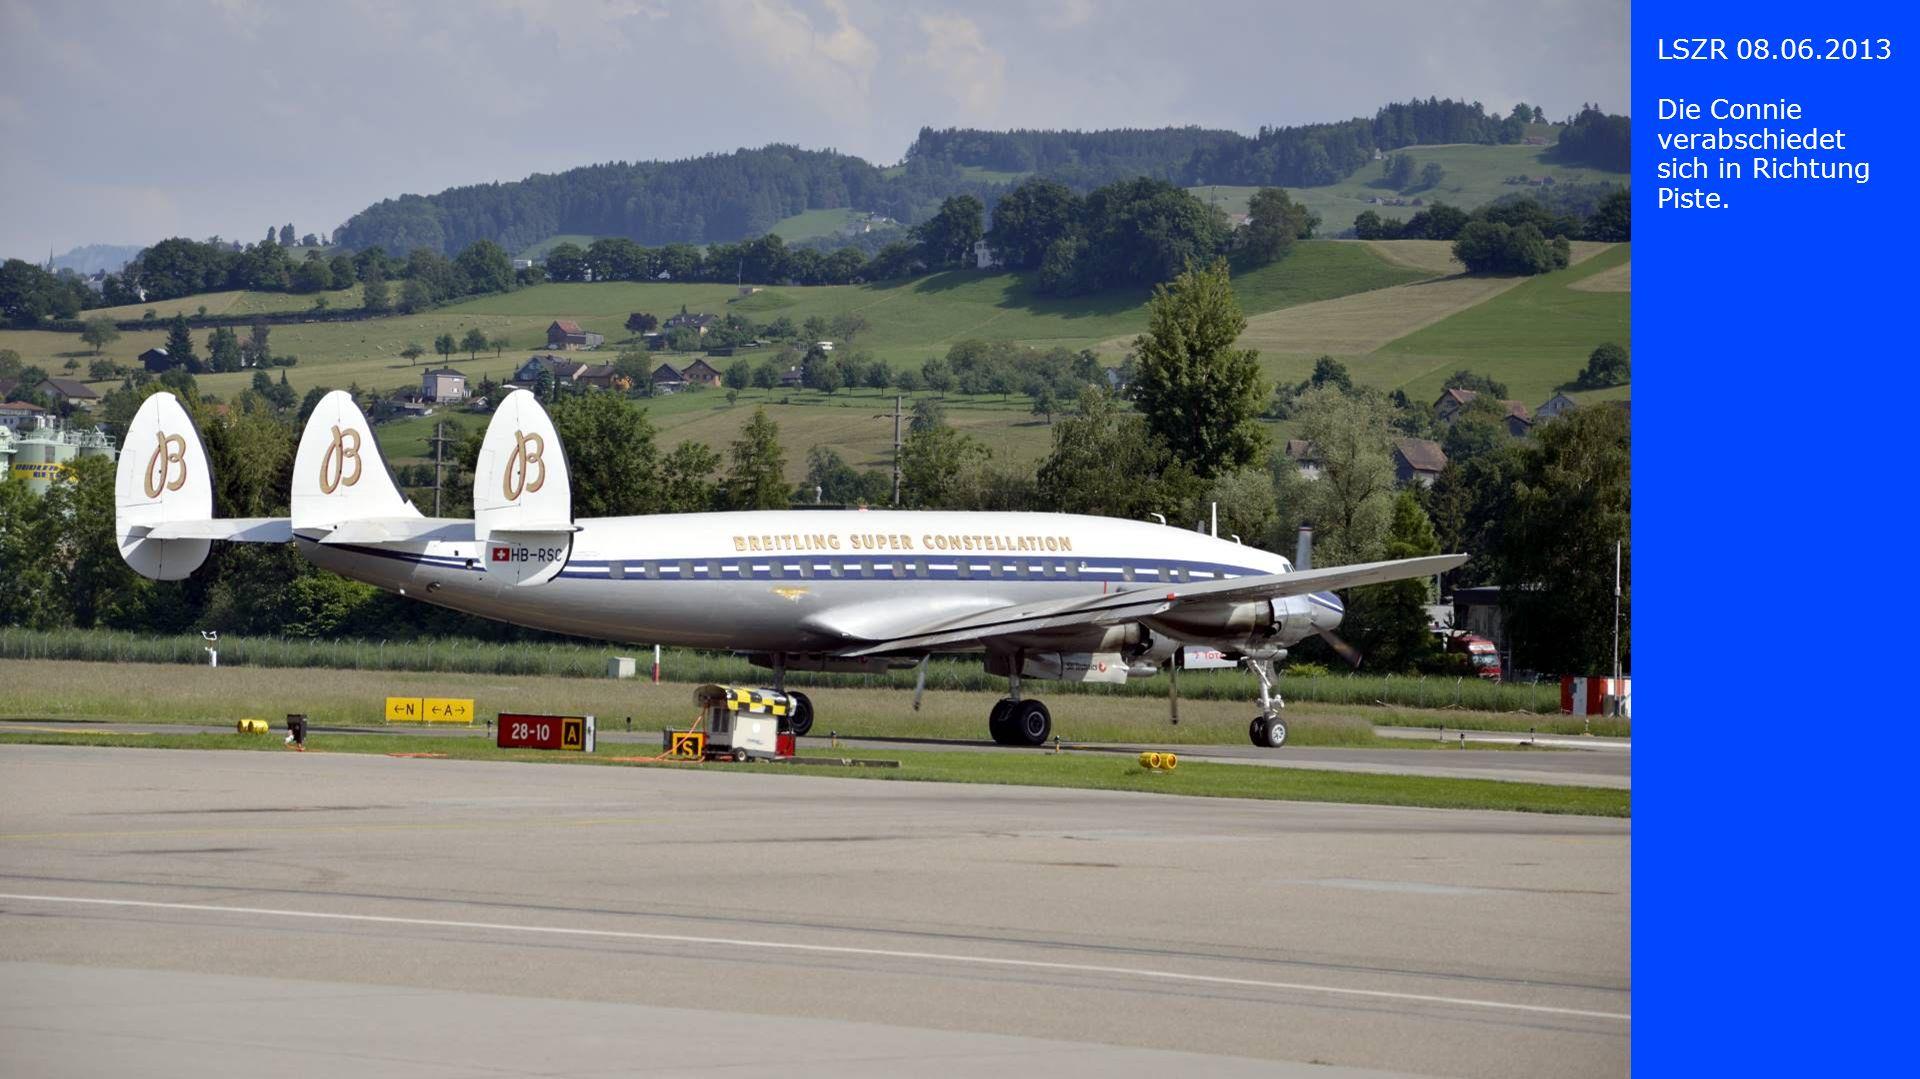 LSZR 08.06.2013 Die Connie verabschiedet sich in Richtung Piste.